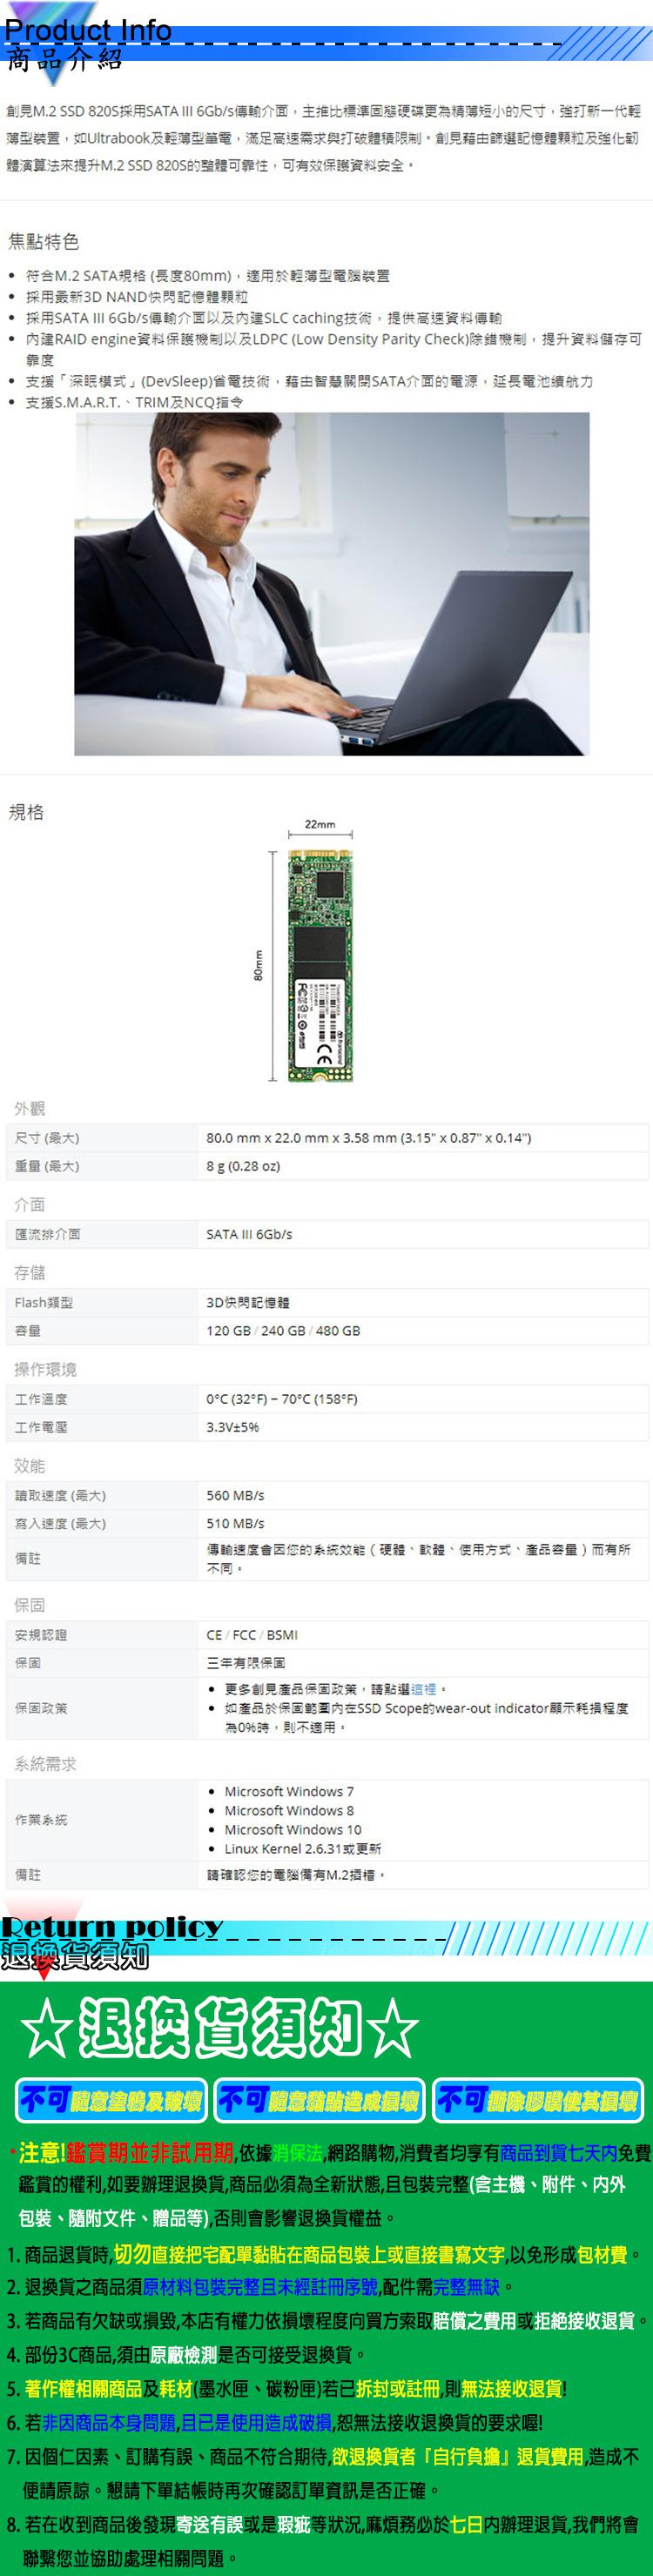 創見240GB MTS820固態硬碟